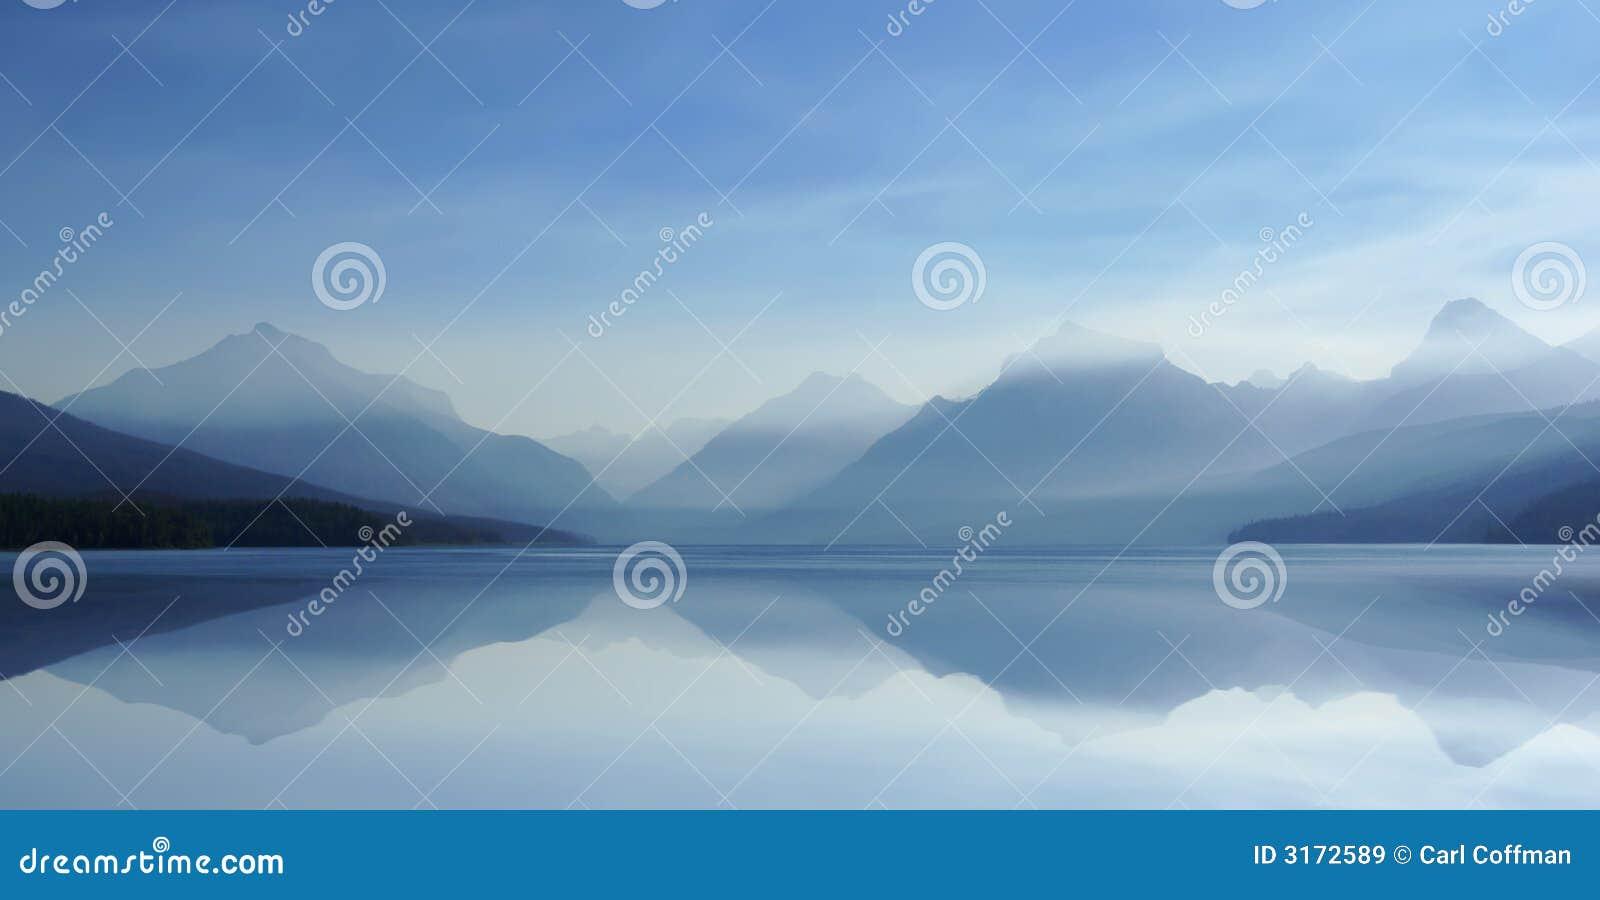 Lago enevoado H 8-07